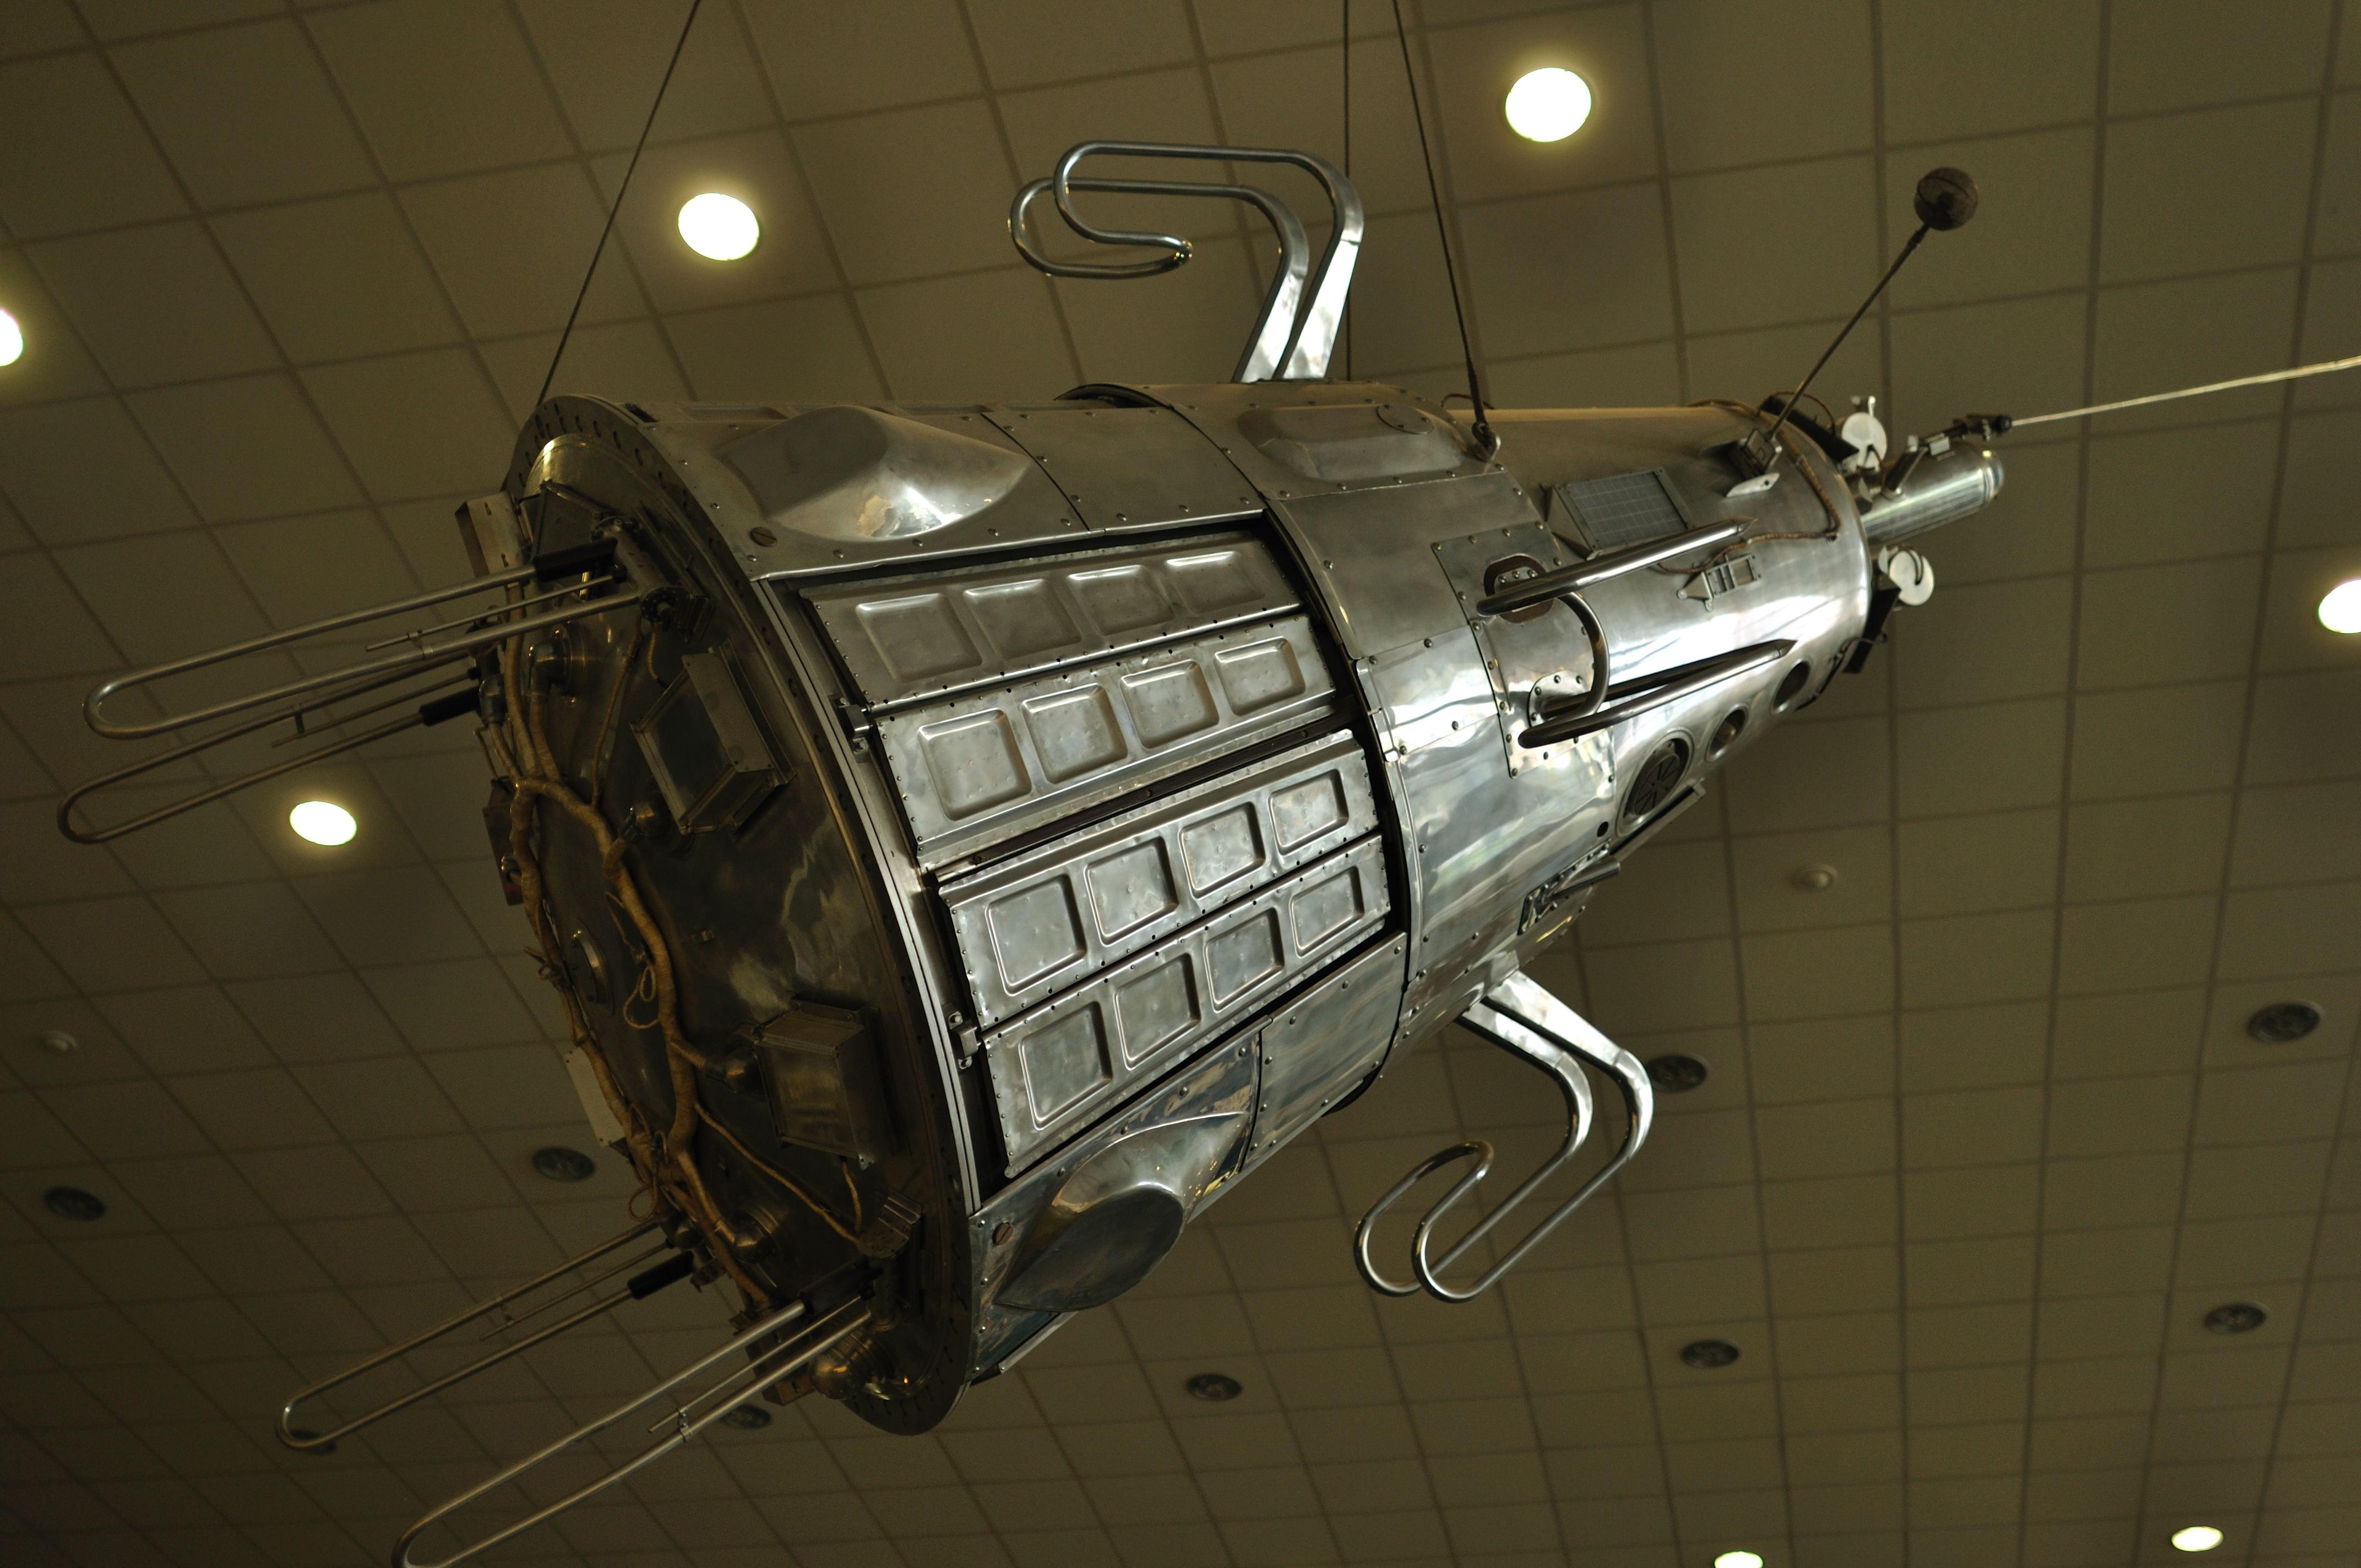 Спутник-3 – Уикипедия